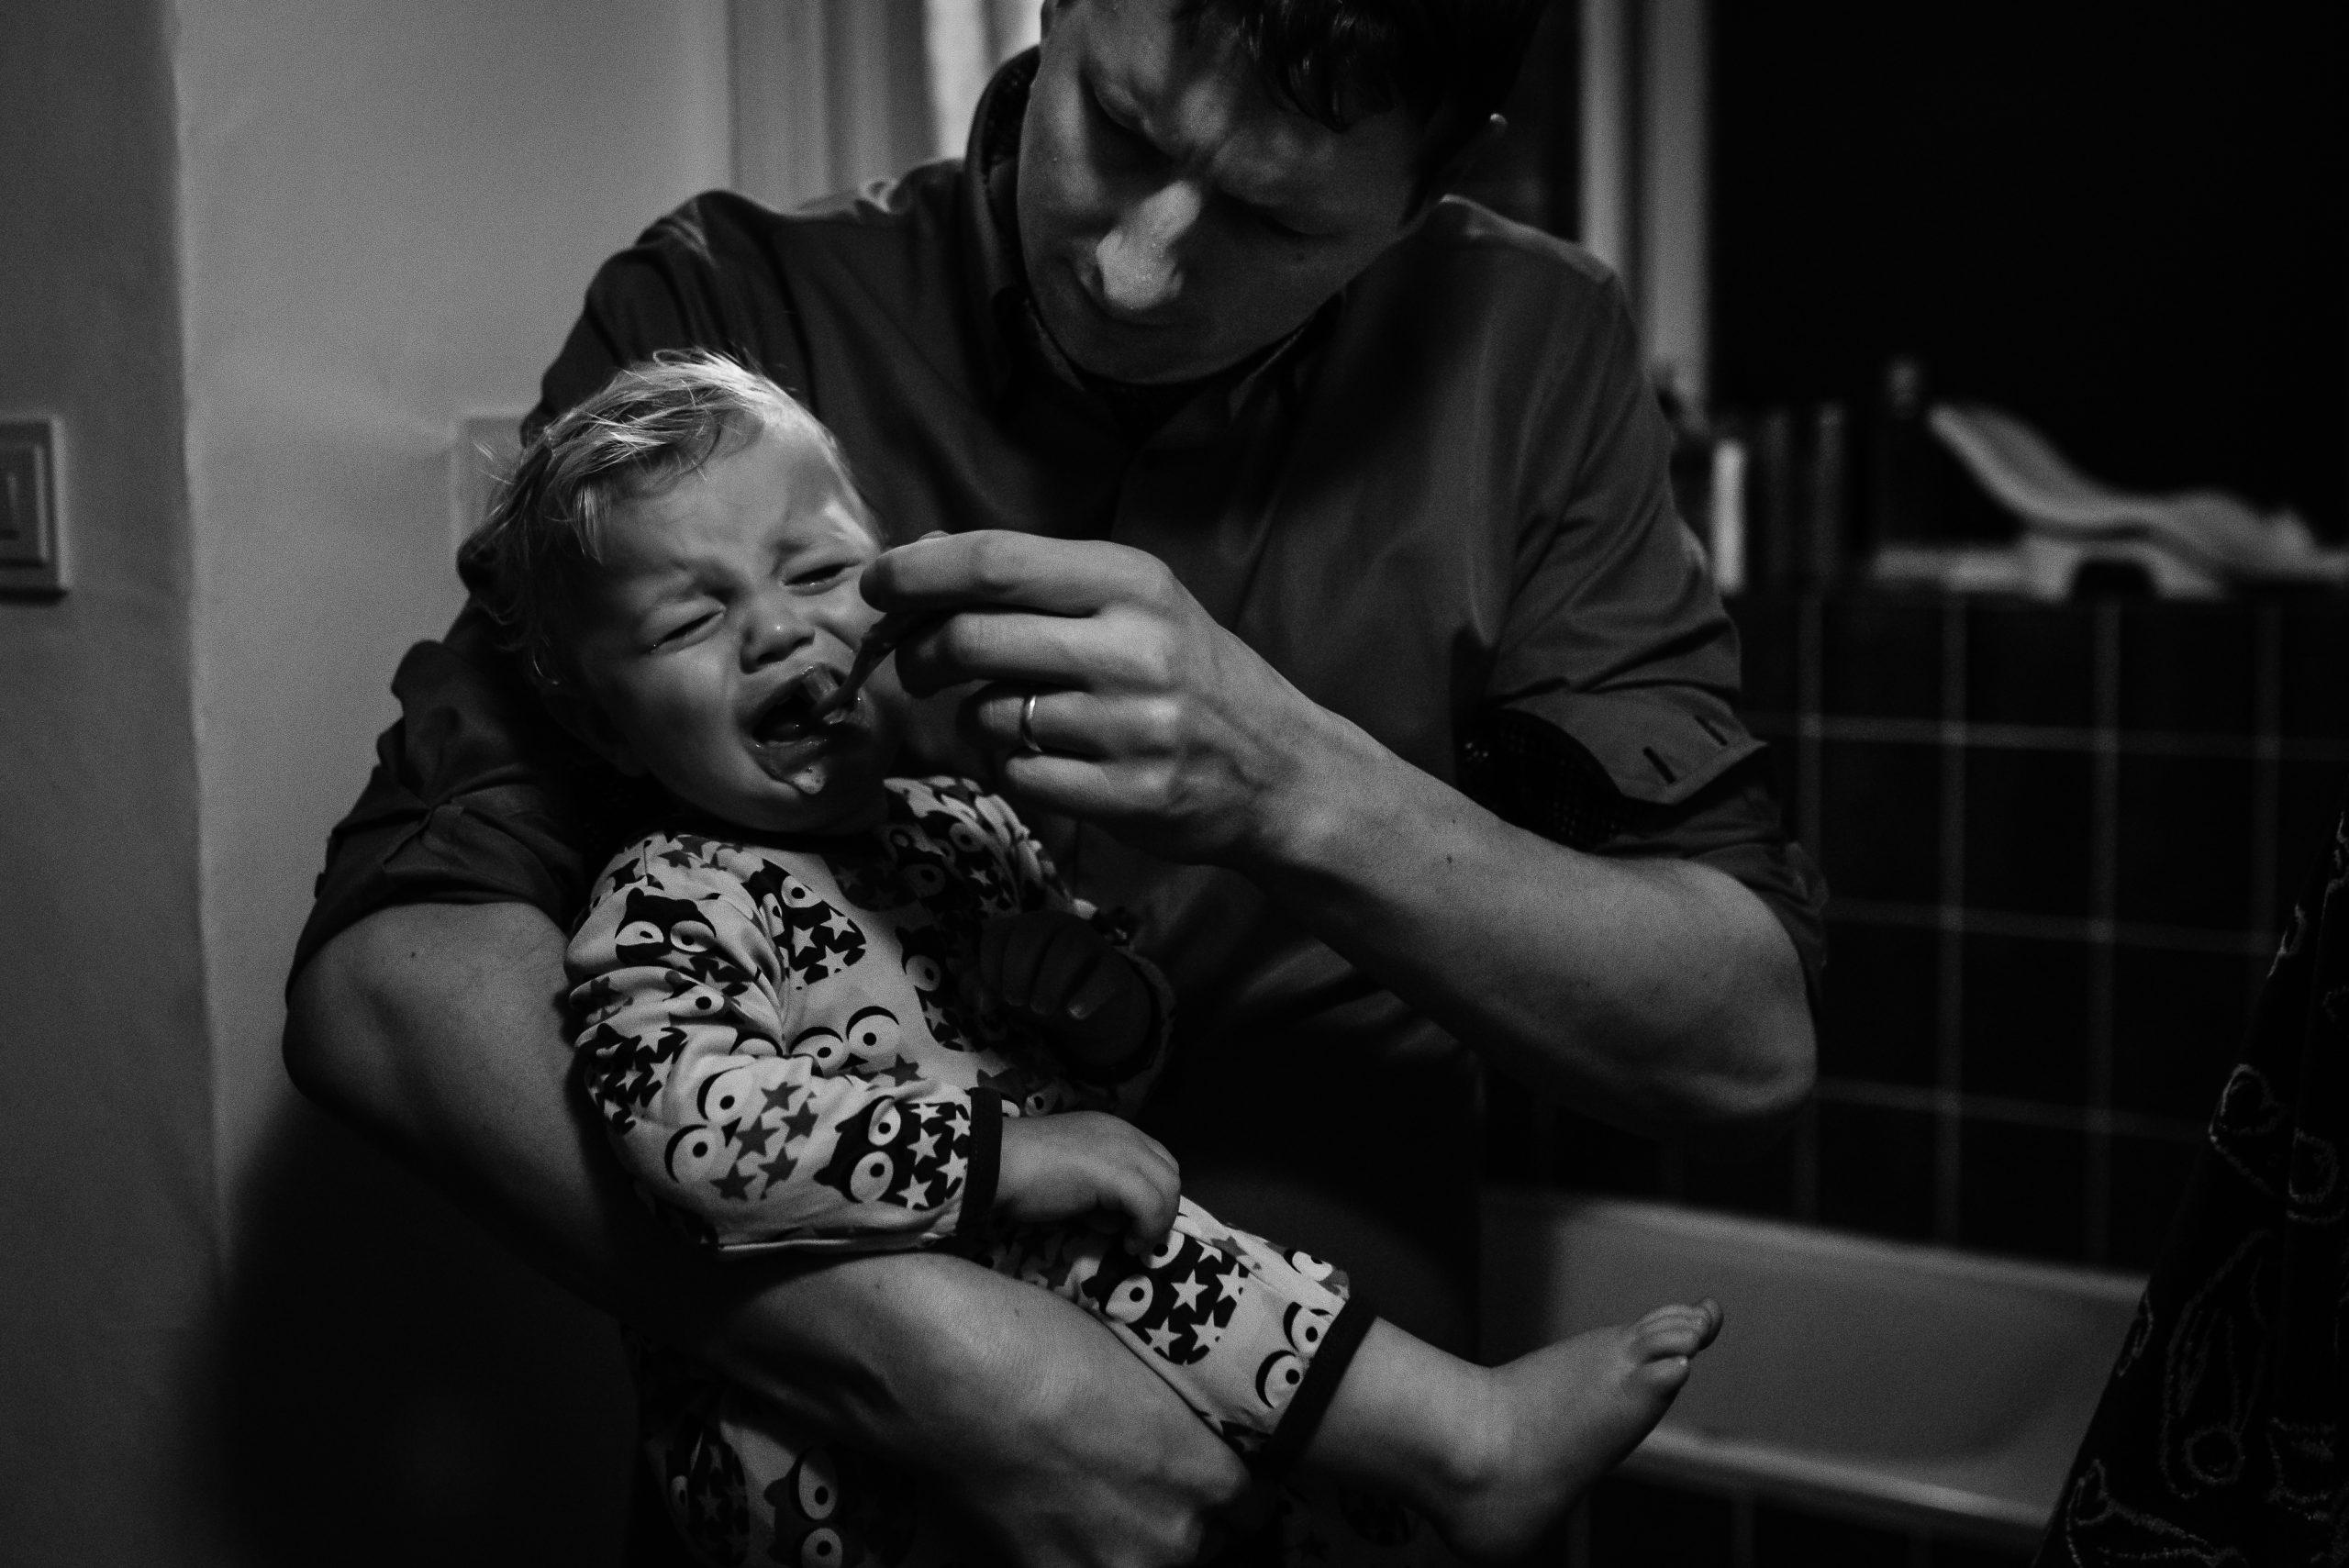 jong gezin, tandenpoetsen is niet leuk, avond ritueel, zwart/wit fotografie, Gezinsfotografie Assen, gezinsfotograaf Assen